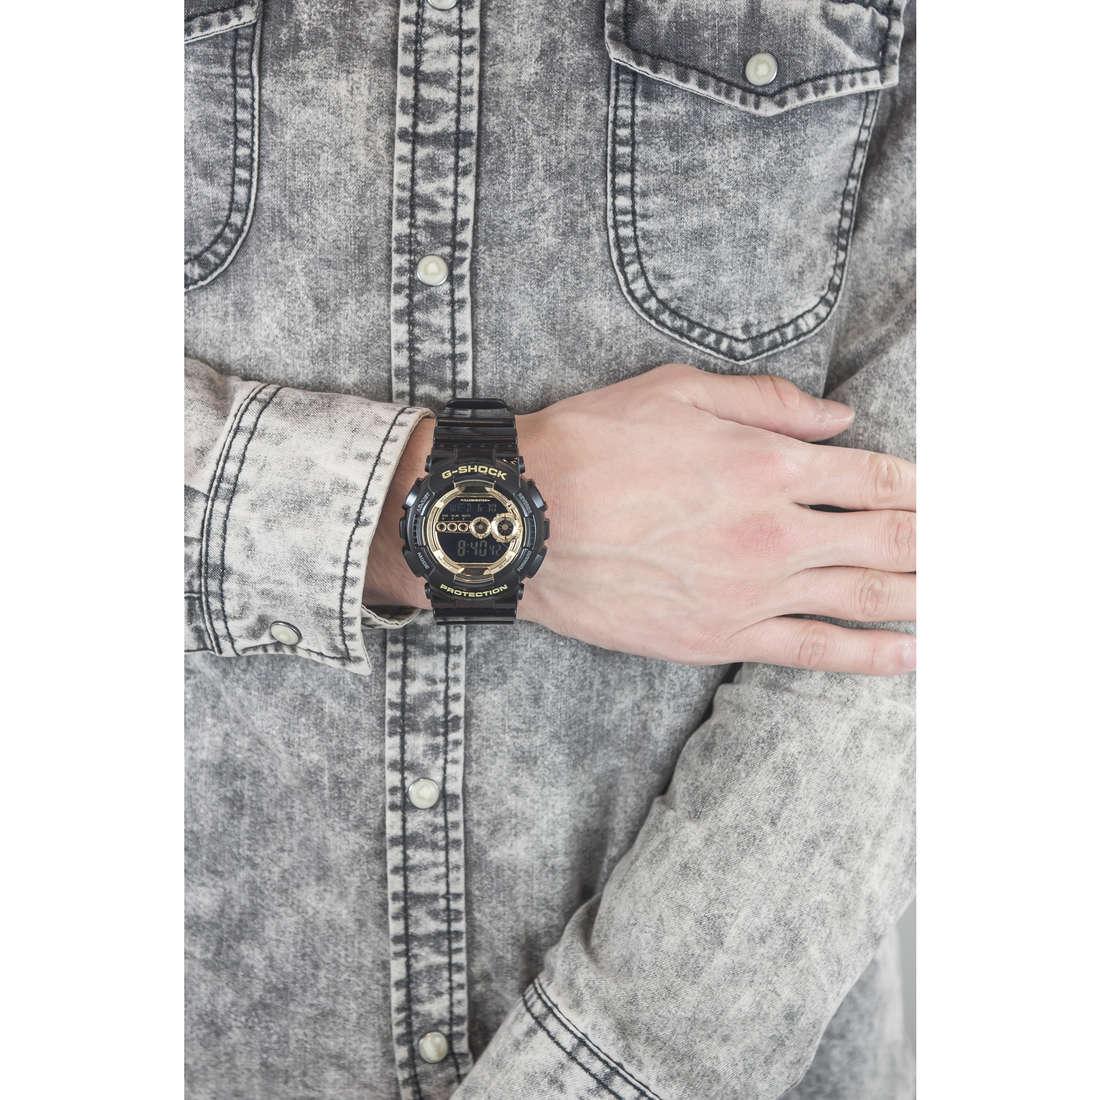 Casio digitali G-Shock uomo GD-100GB-1ER indosso